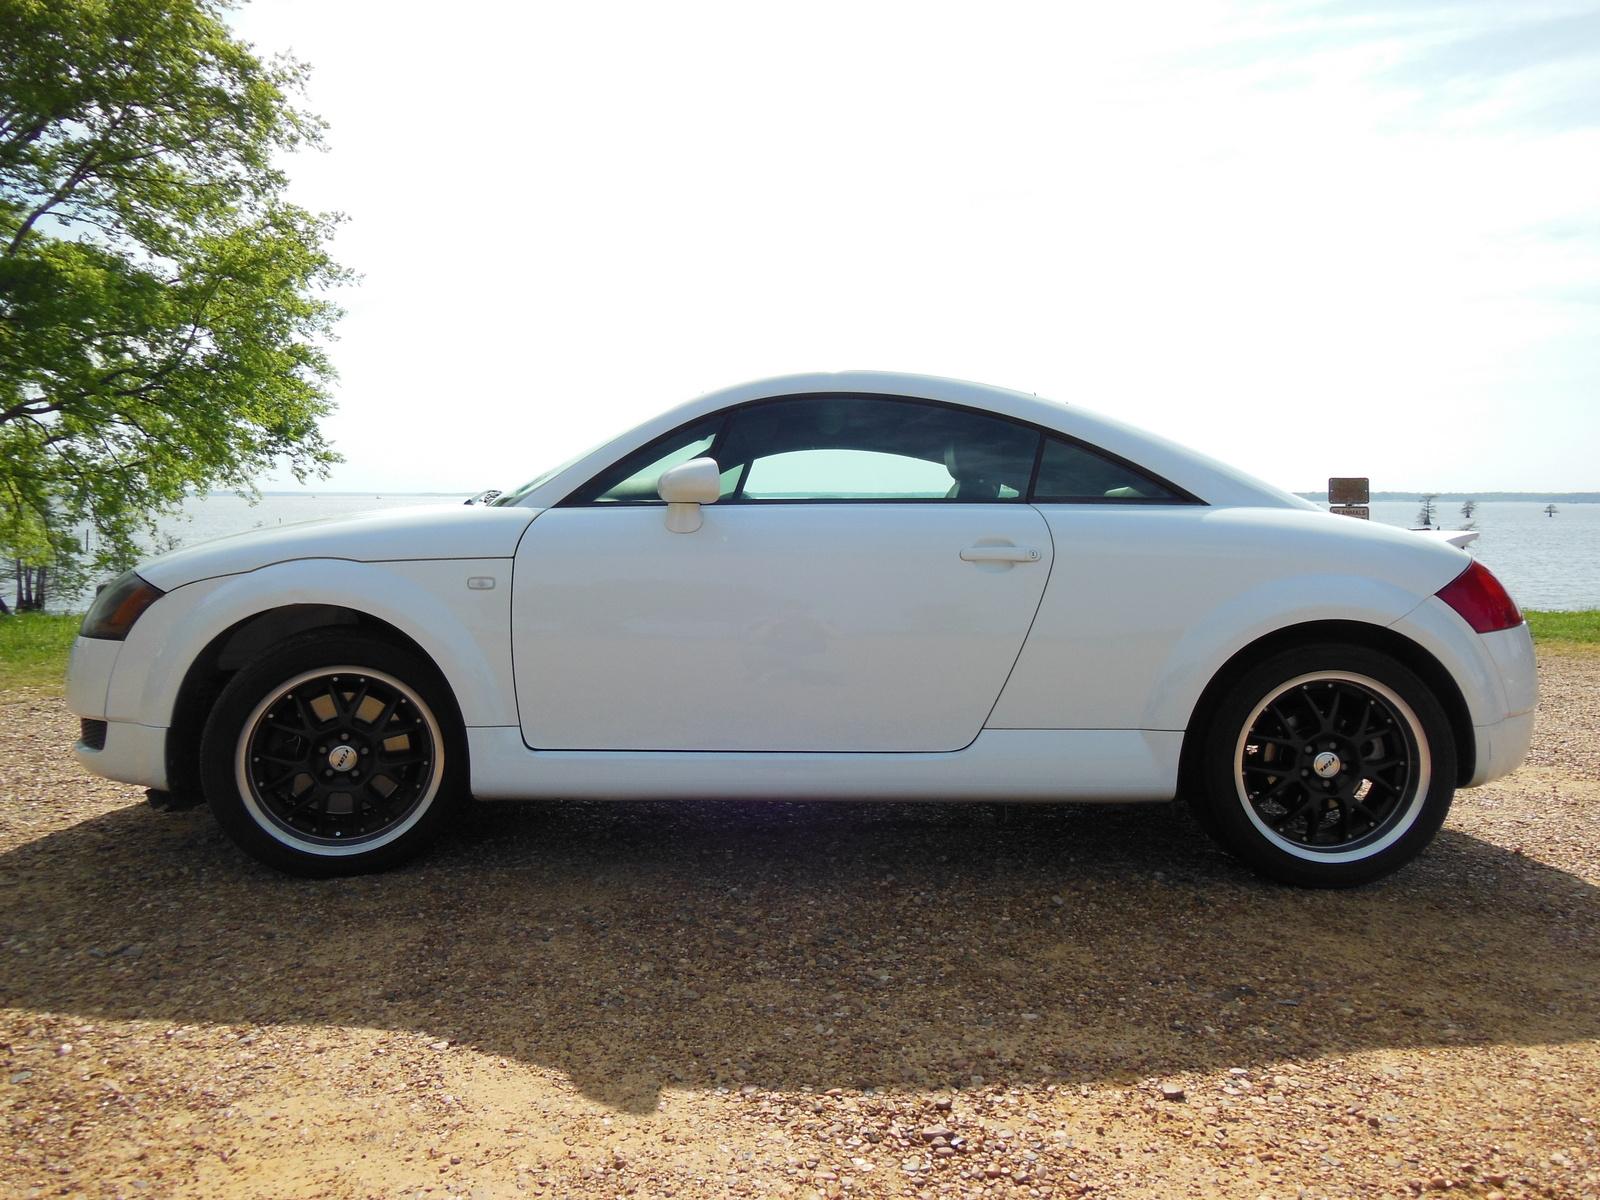 2002 Audi TT - Pictures - CarGurus